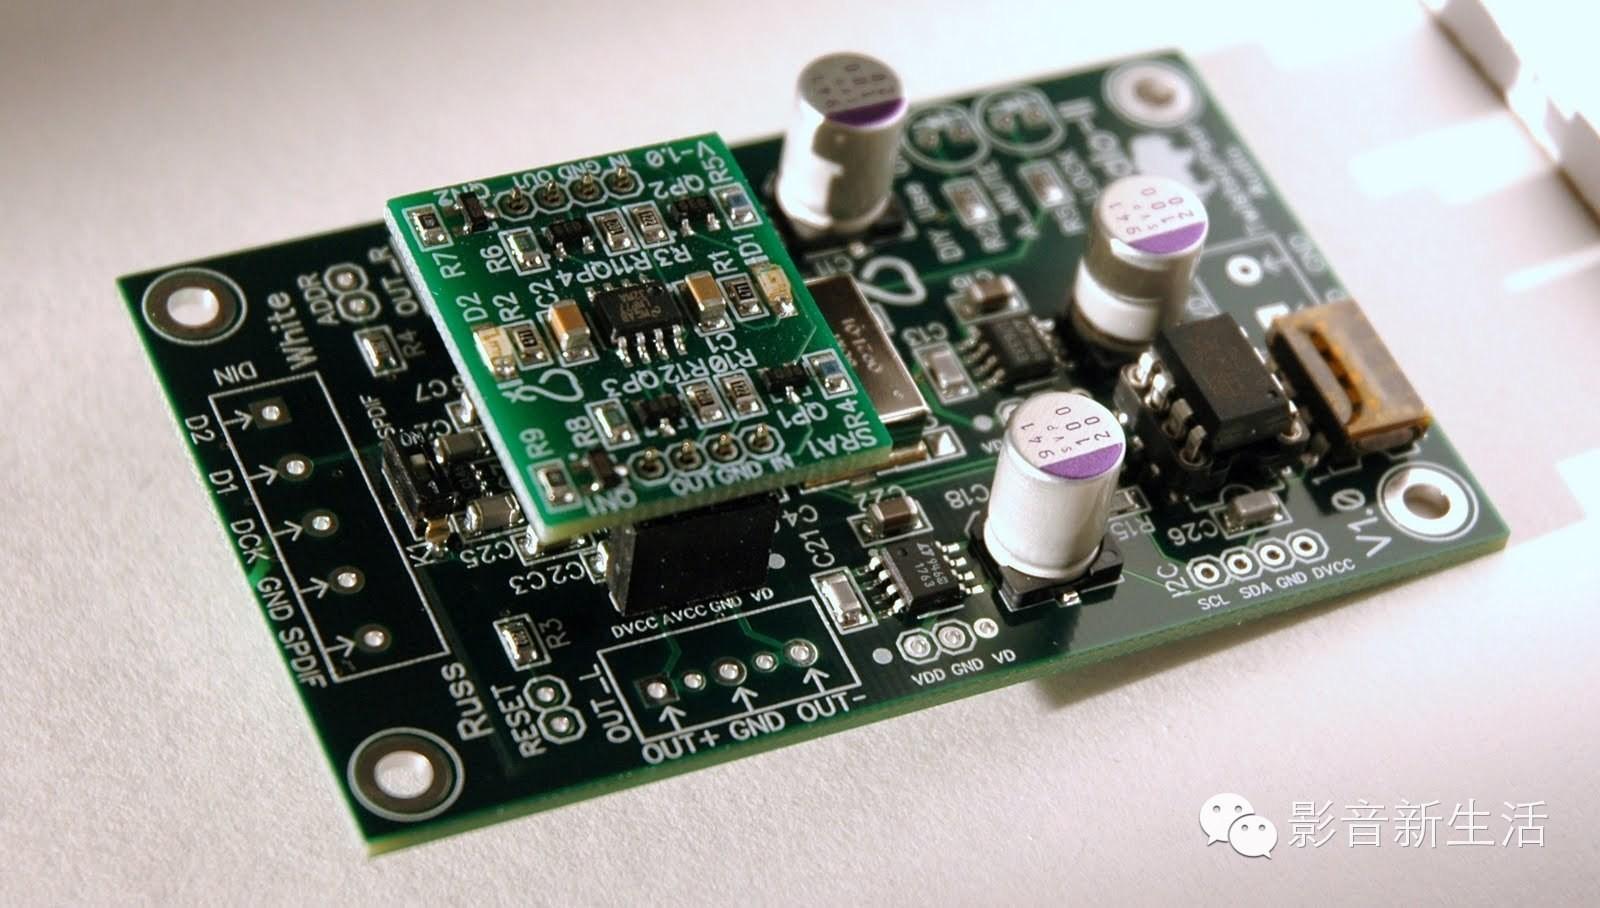 拥抱pc hi-fi:小芯片大学问,常用音频解码芯片介绍